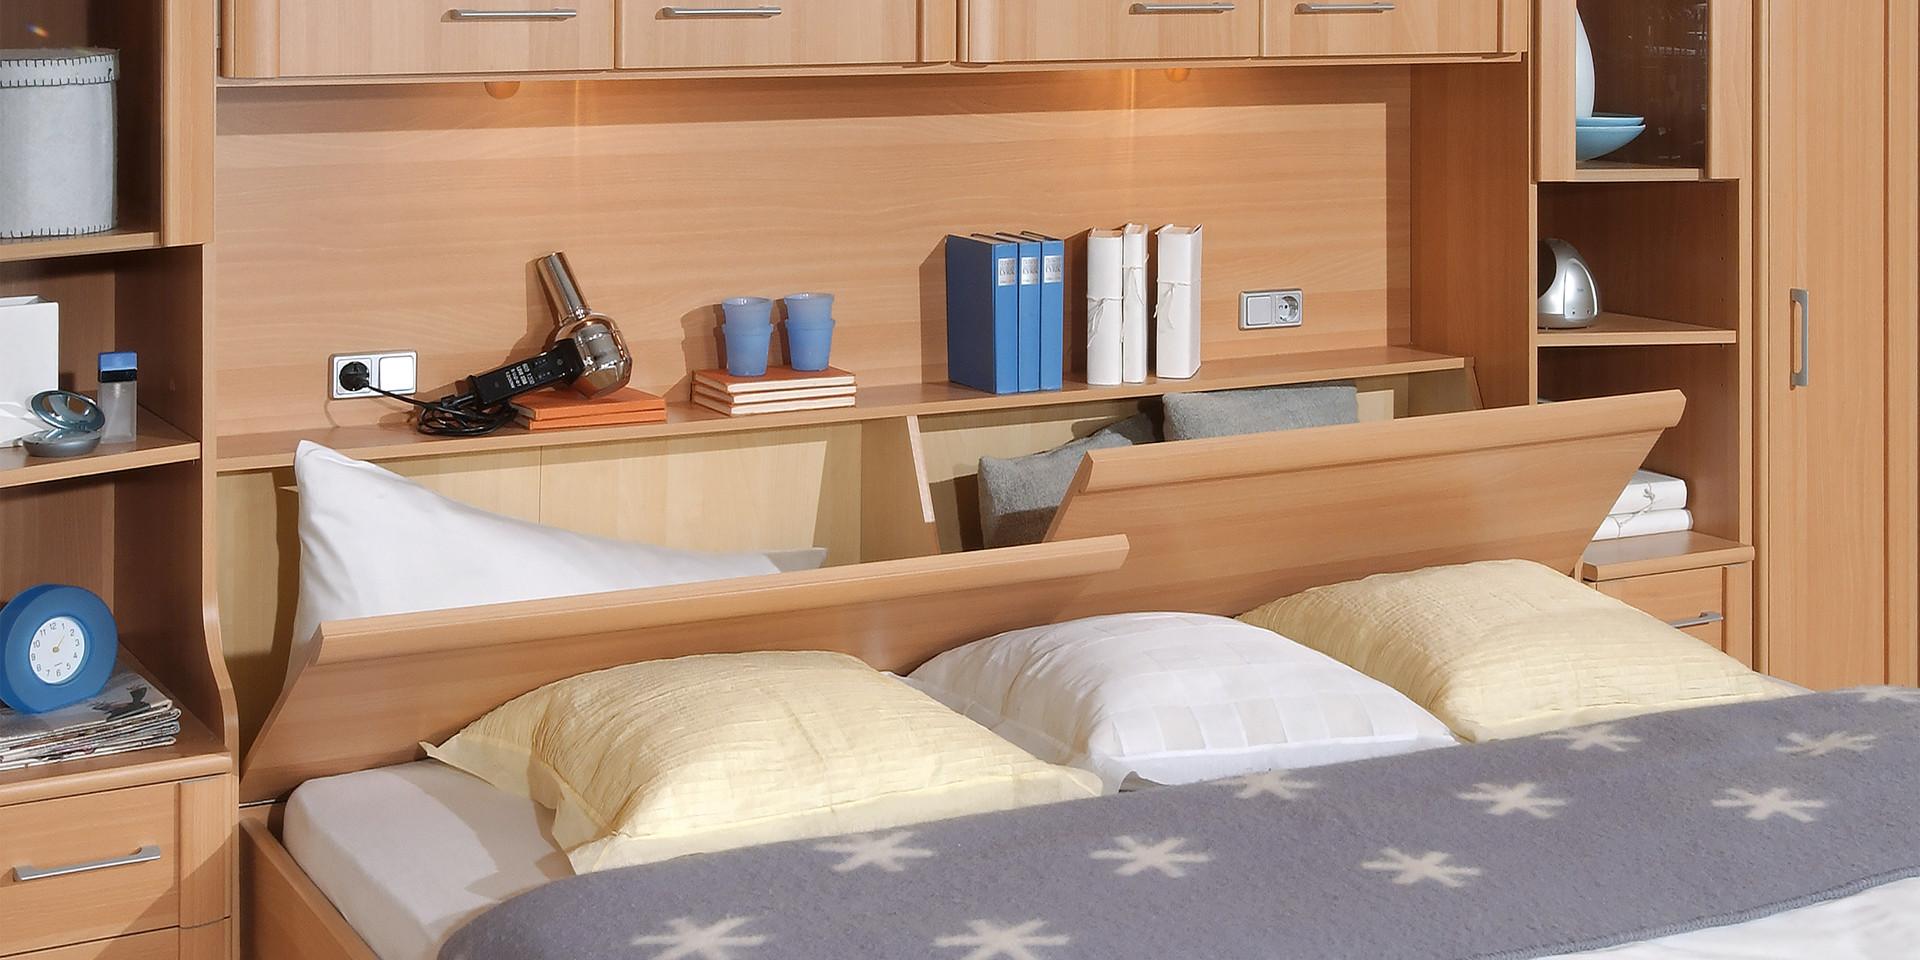 schlafzimmer luxor 4 wiemann teilmassiv komplettes schlafzimmer 3